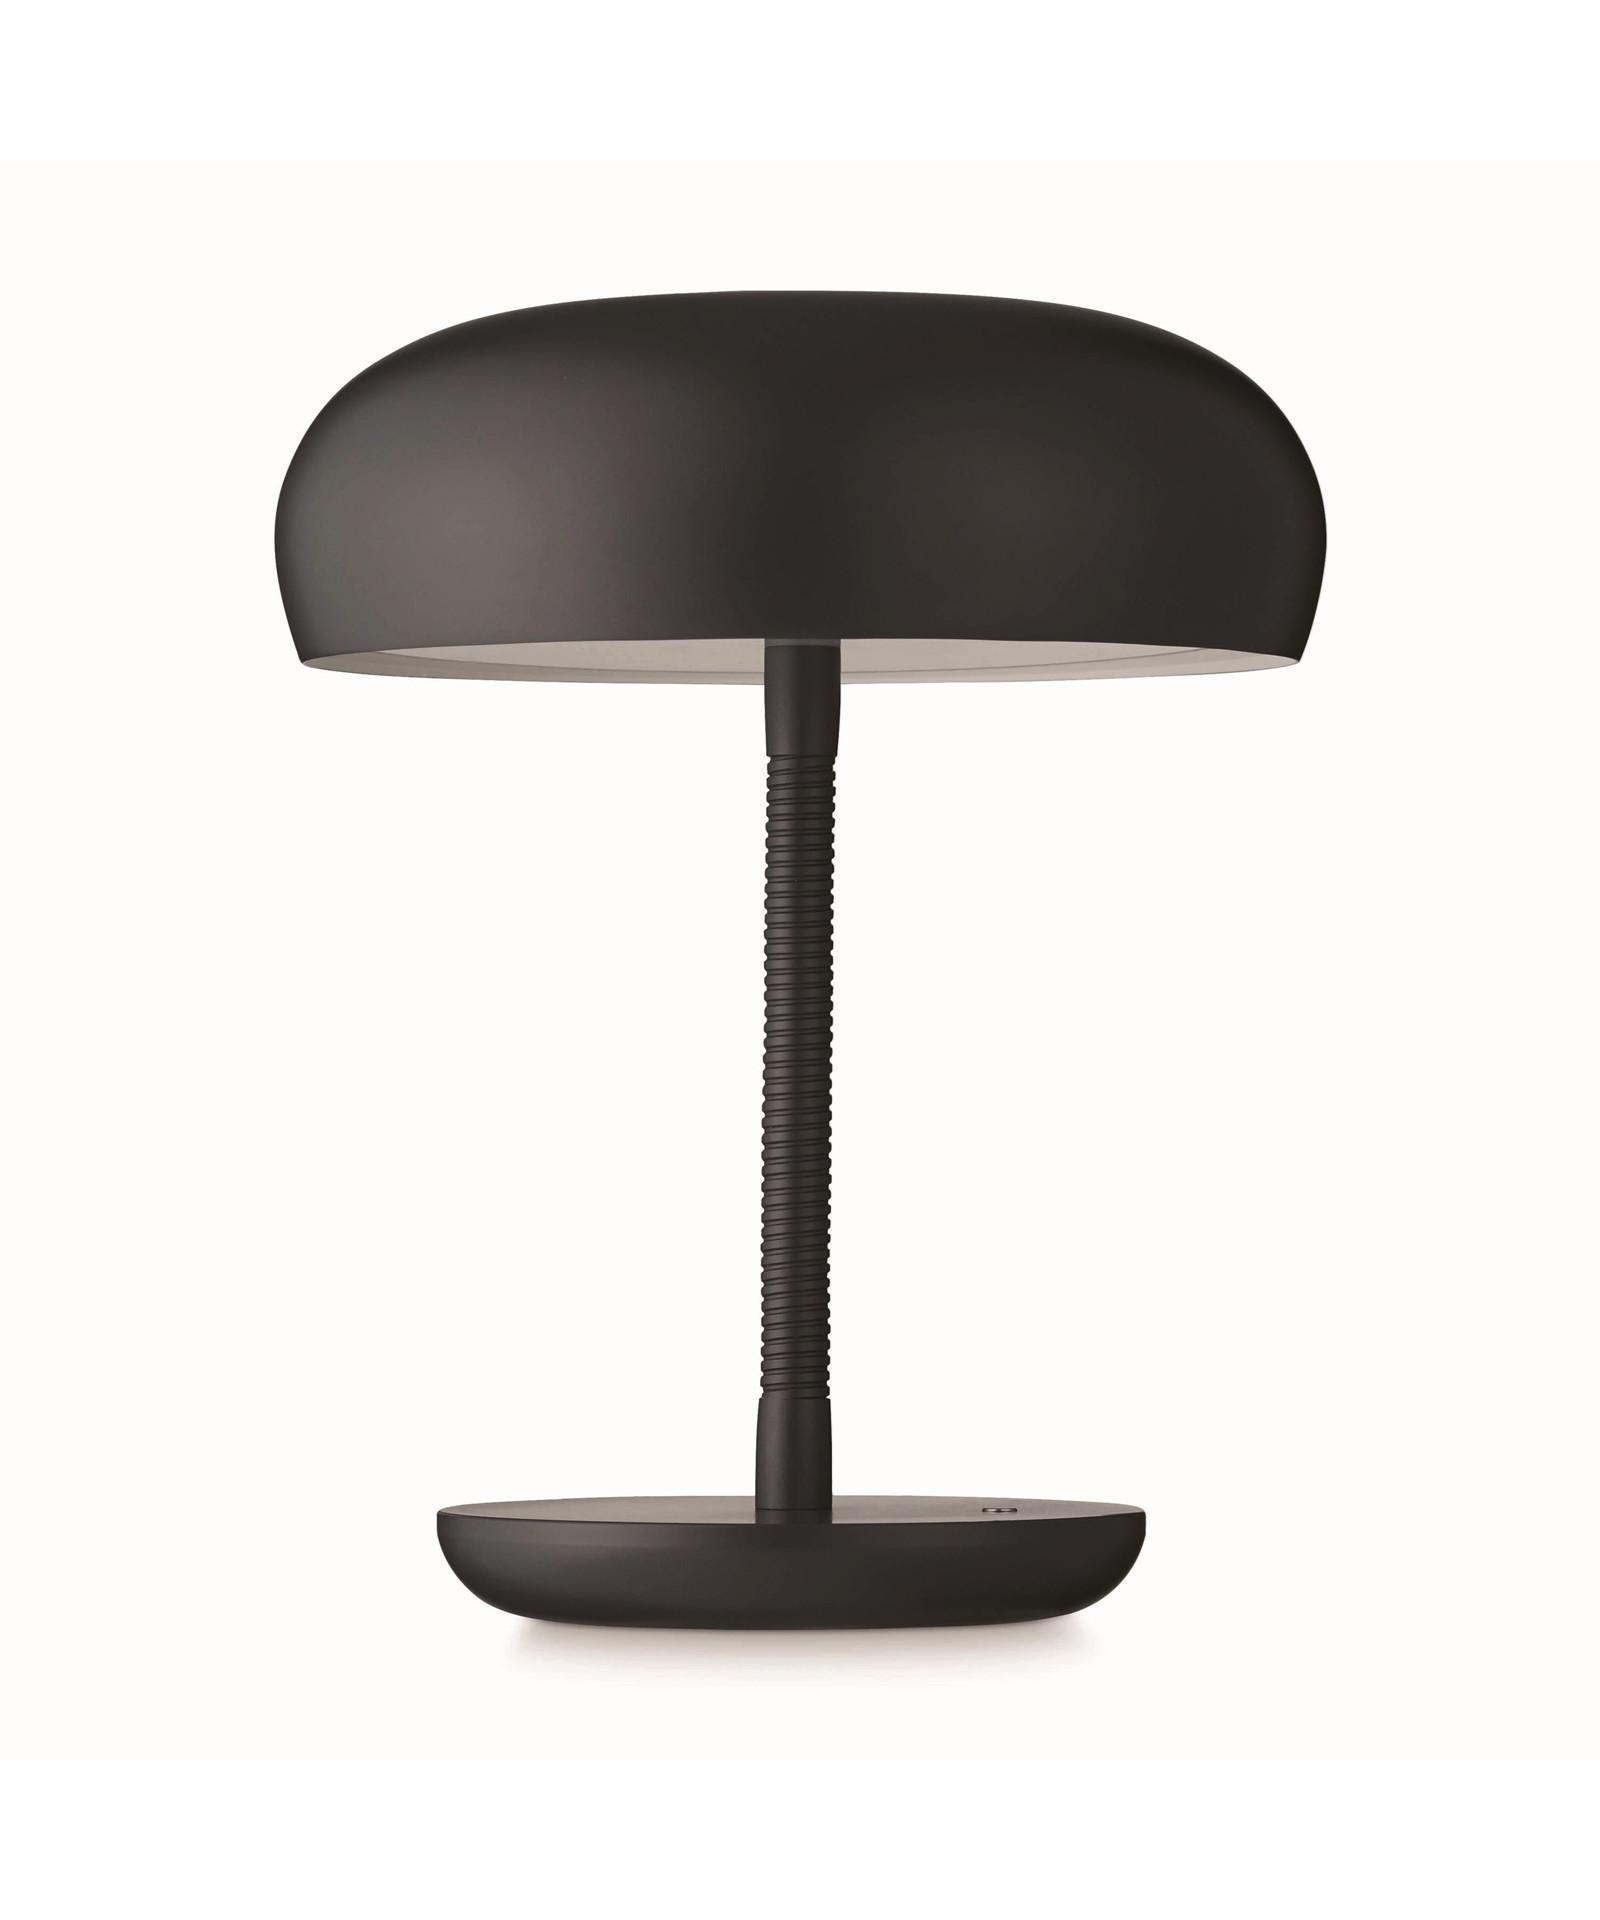 Watt A Lamp Bend Bend Pöytävalaisin Tumman Harmaa - Watt A Lamp